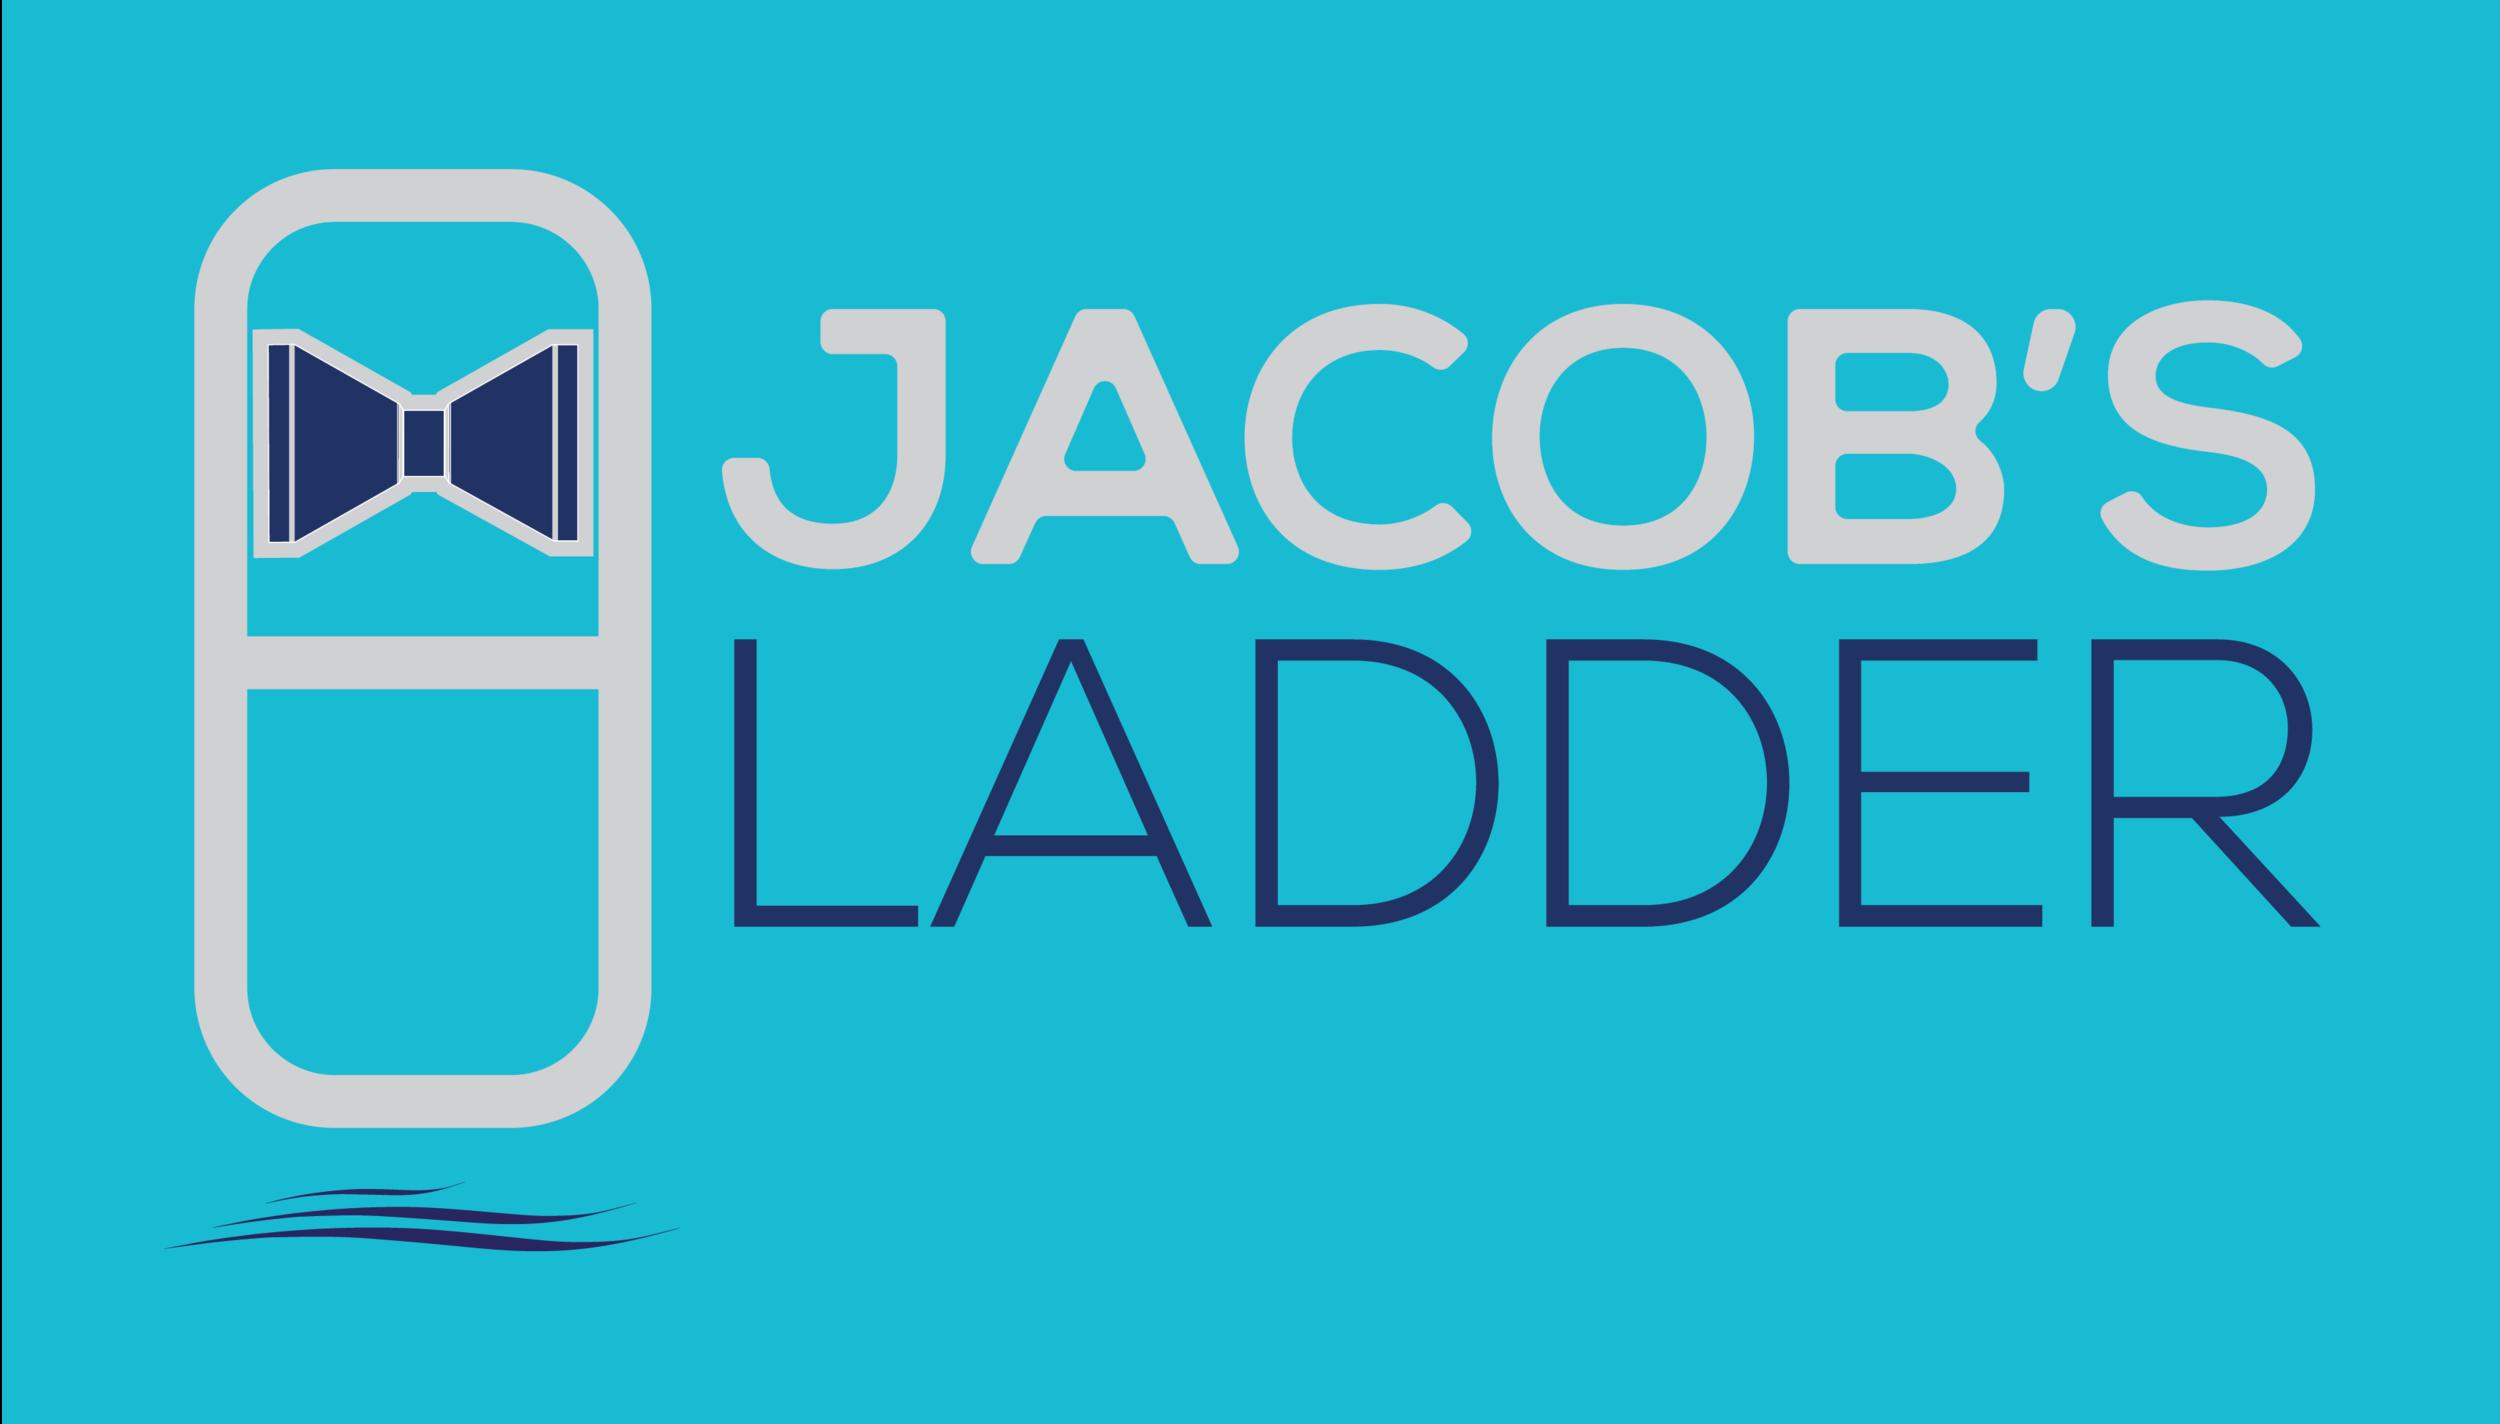 JacbosLadder-2.0-04.png